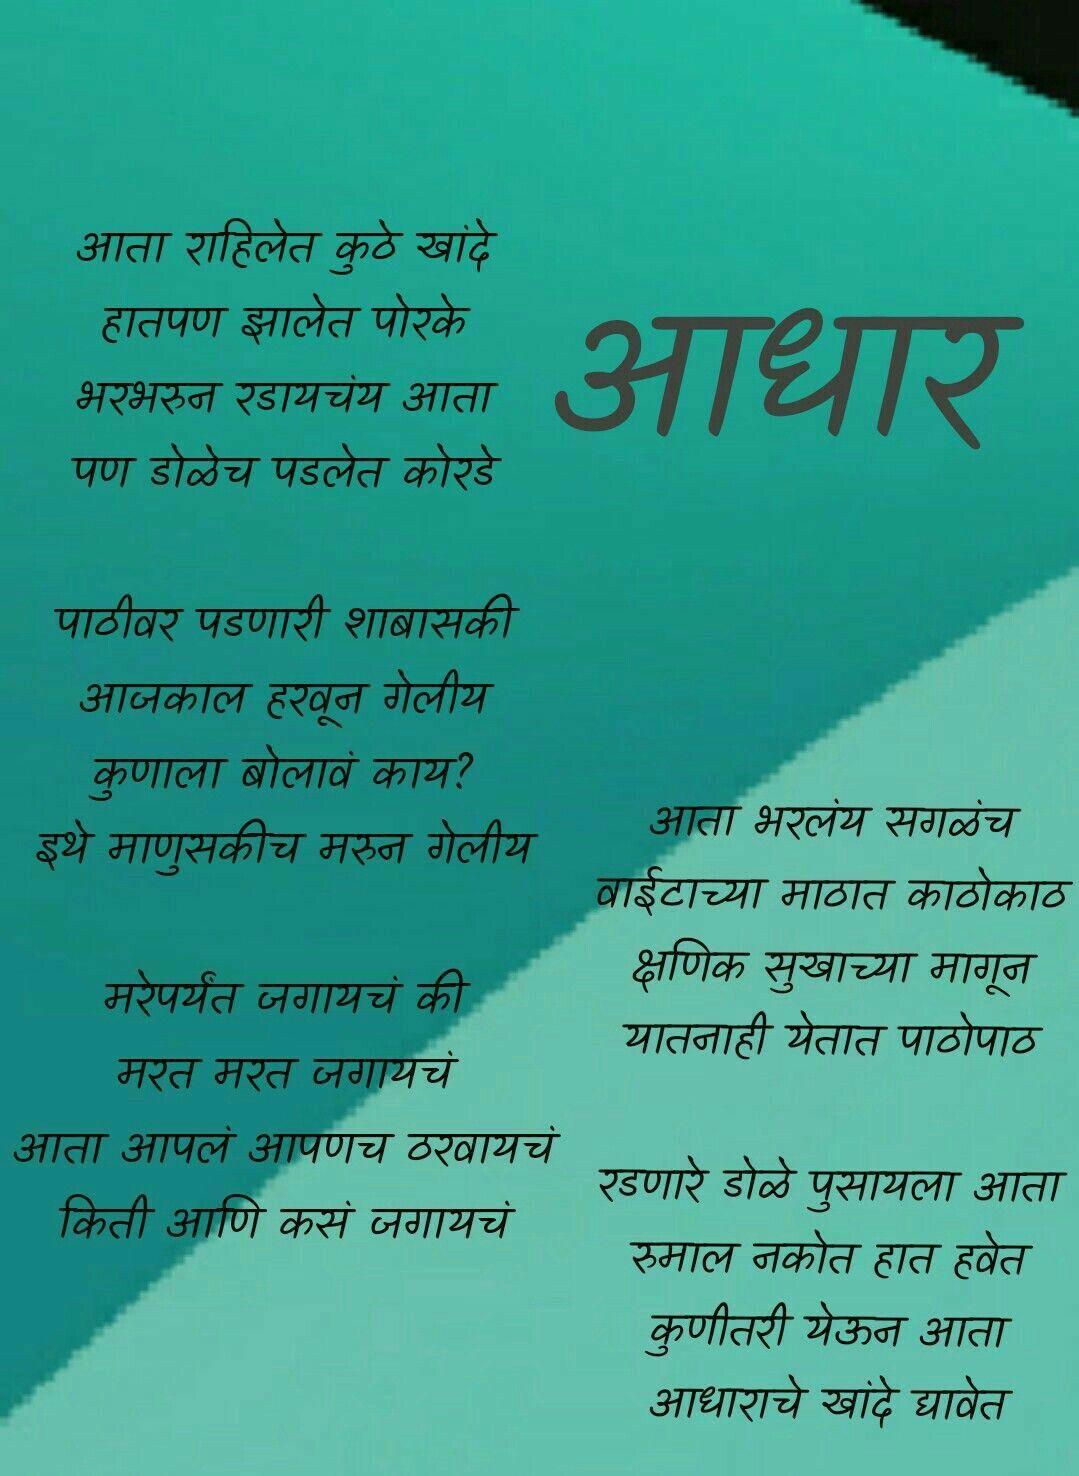 Pin By Manisha On Fakt Marathi Motivational Poems Marathi Poems